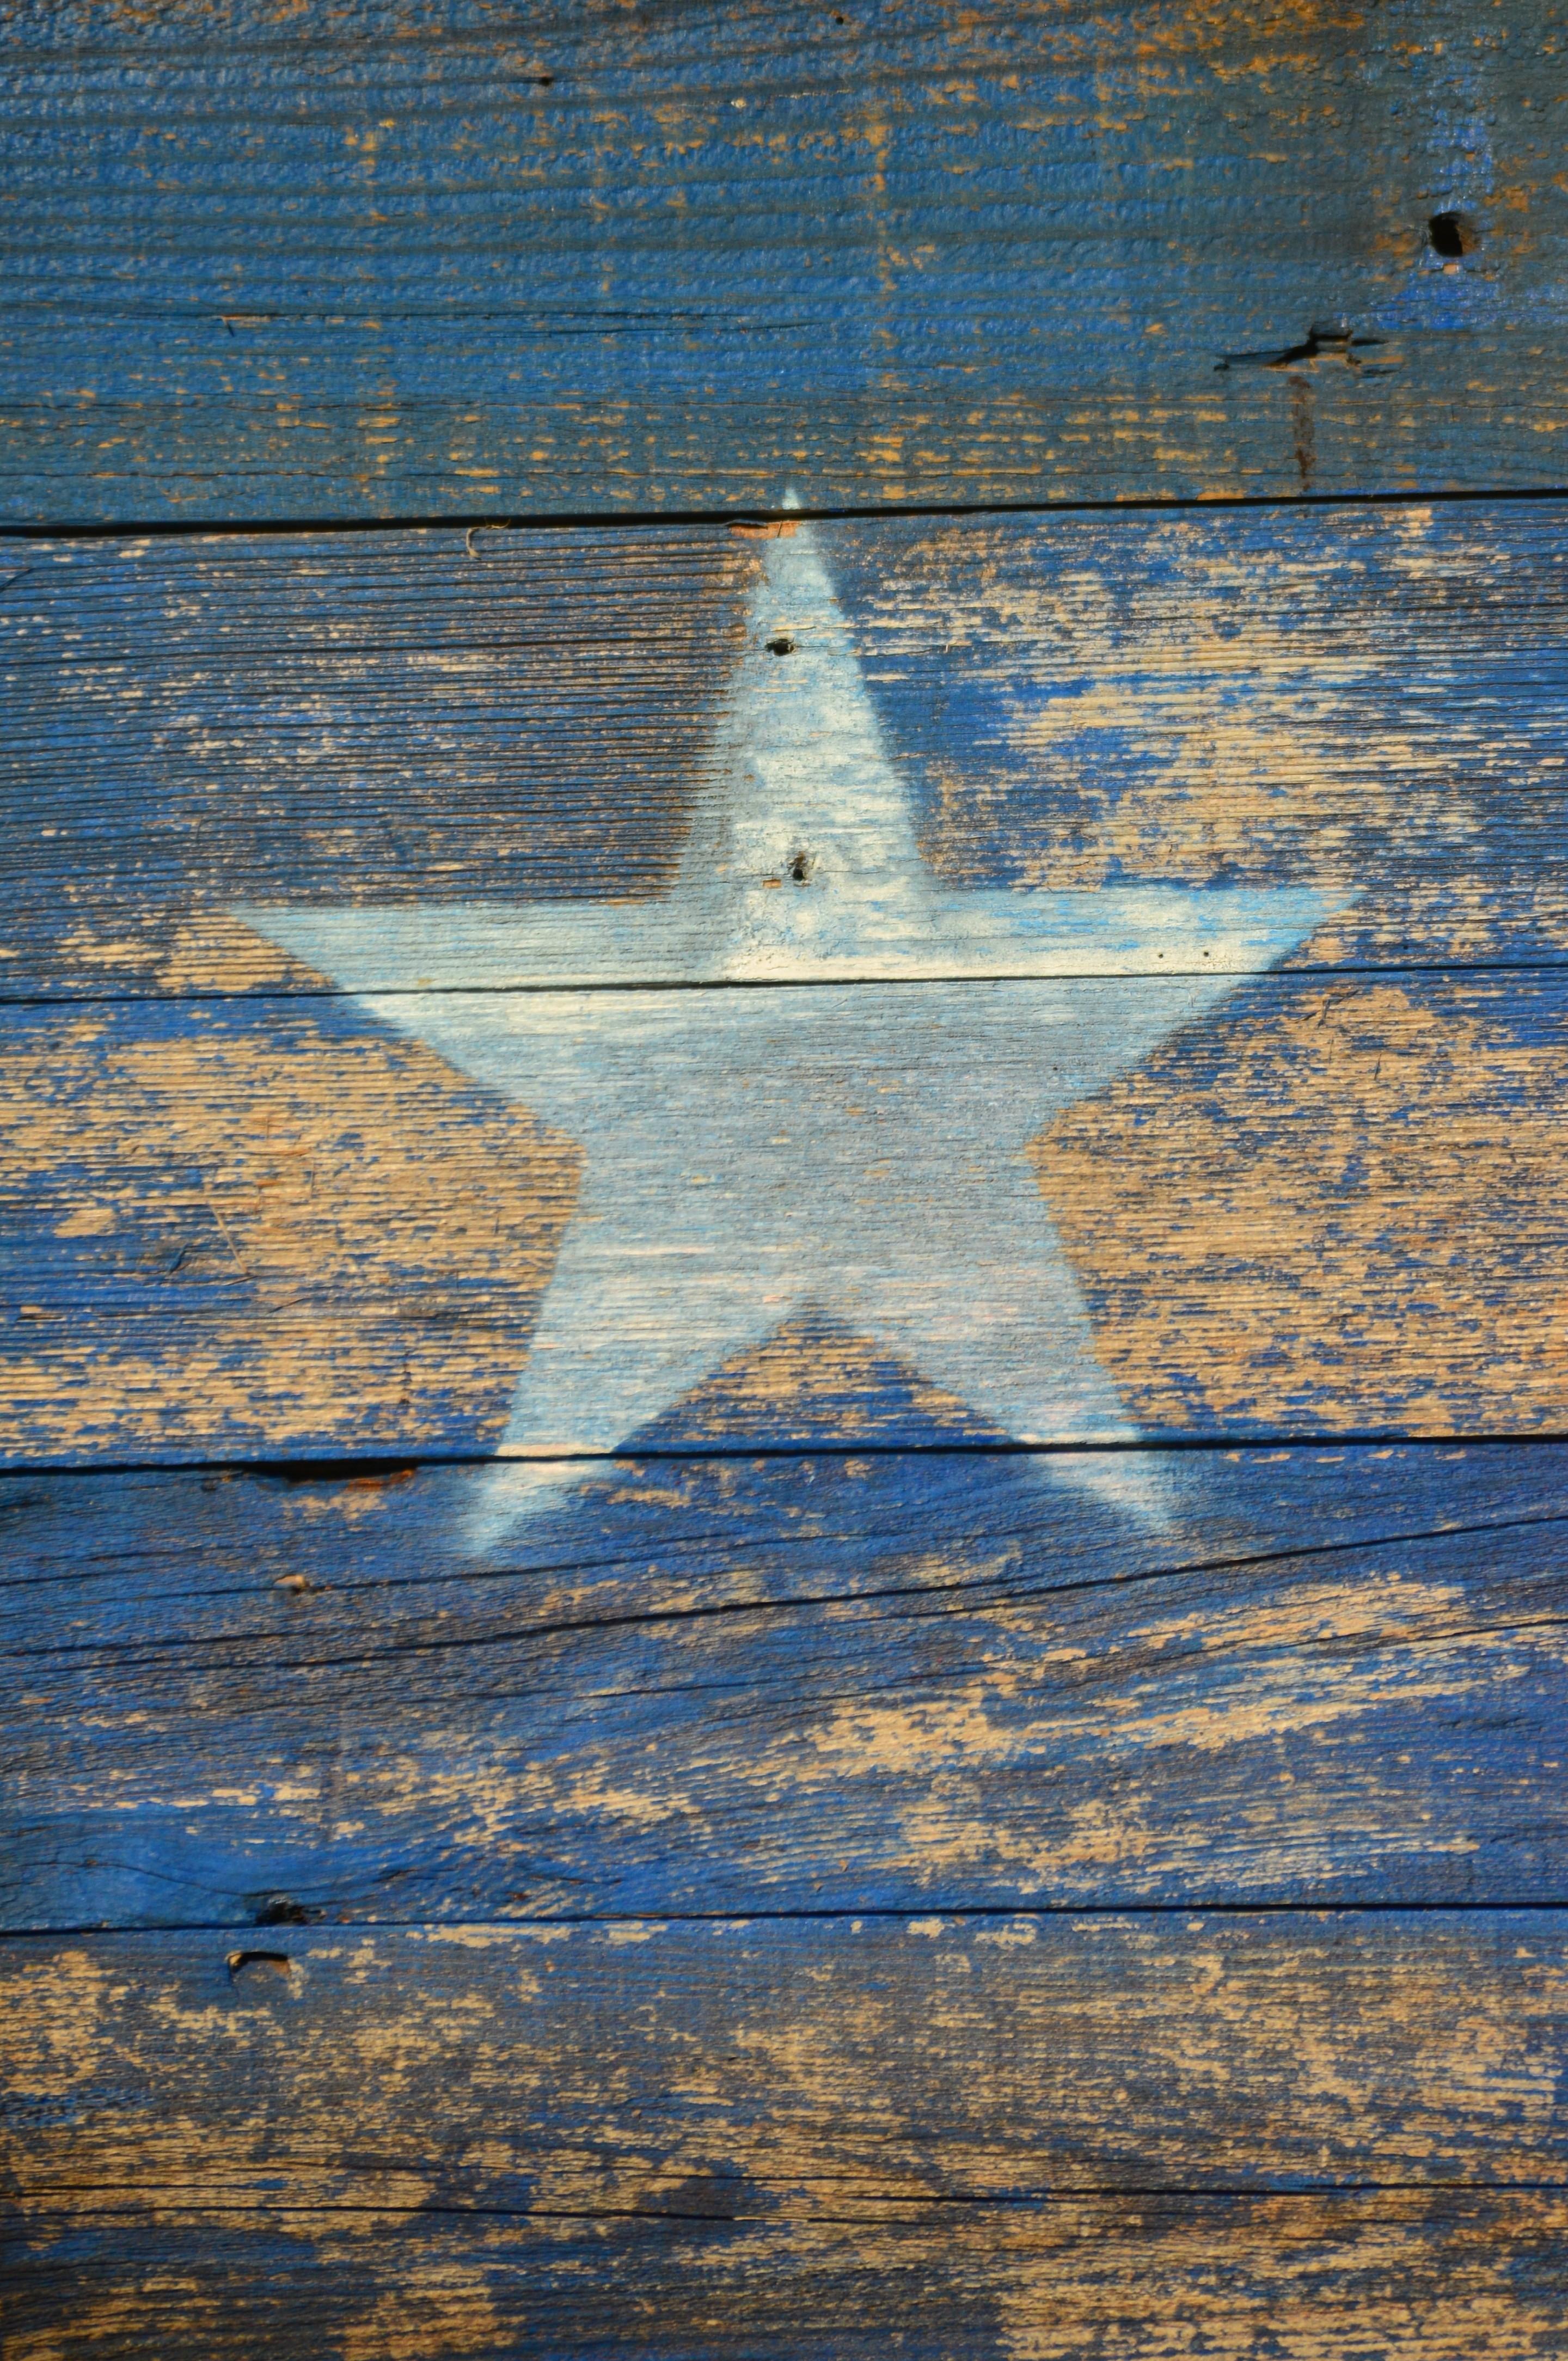 The Texas Star